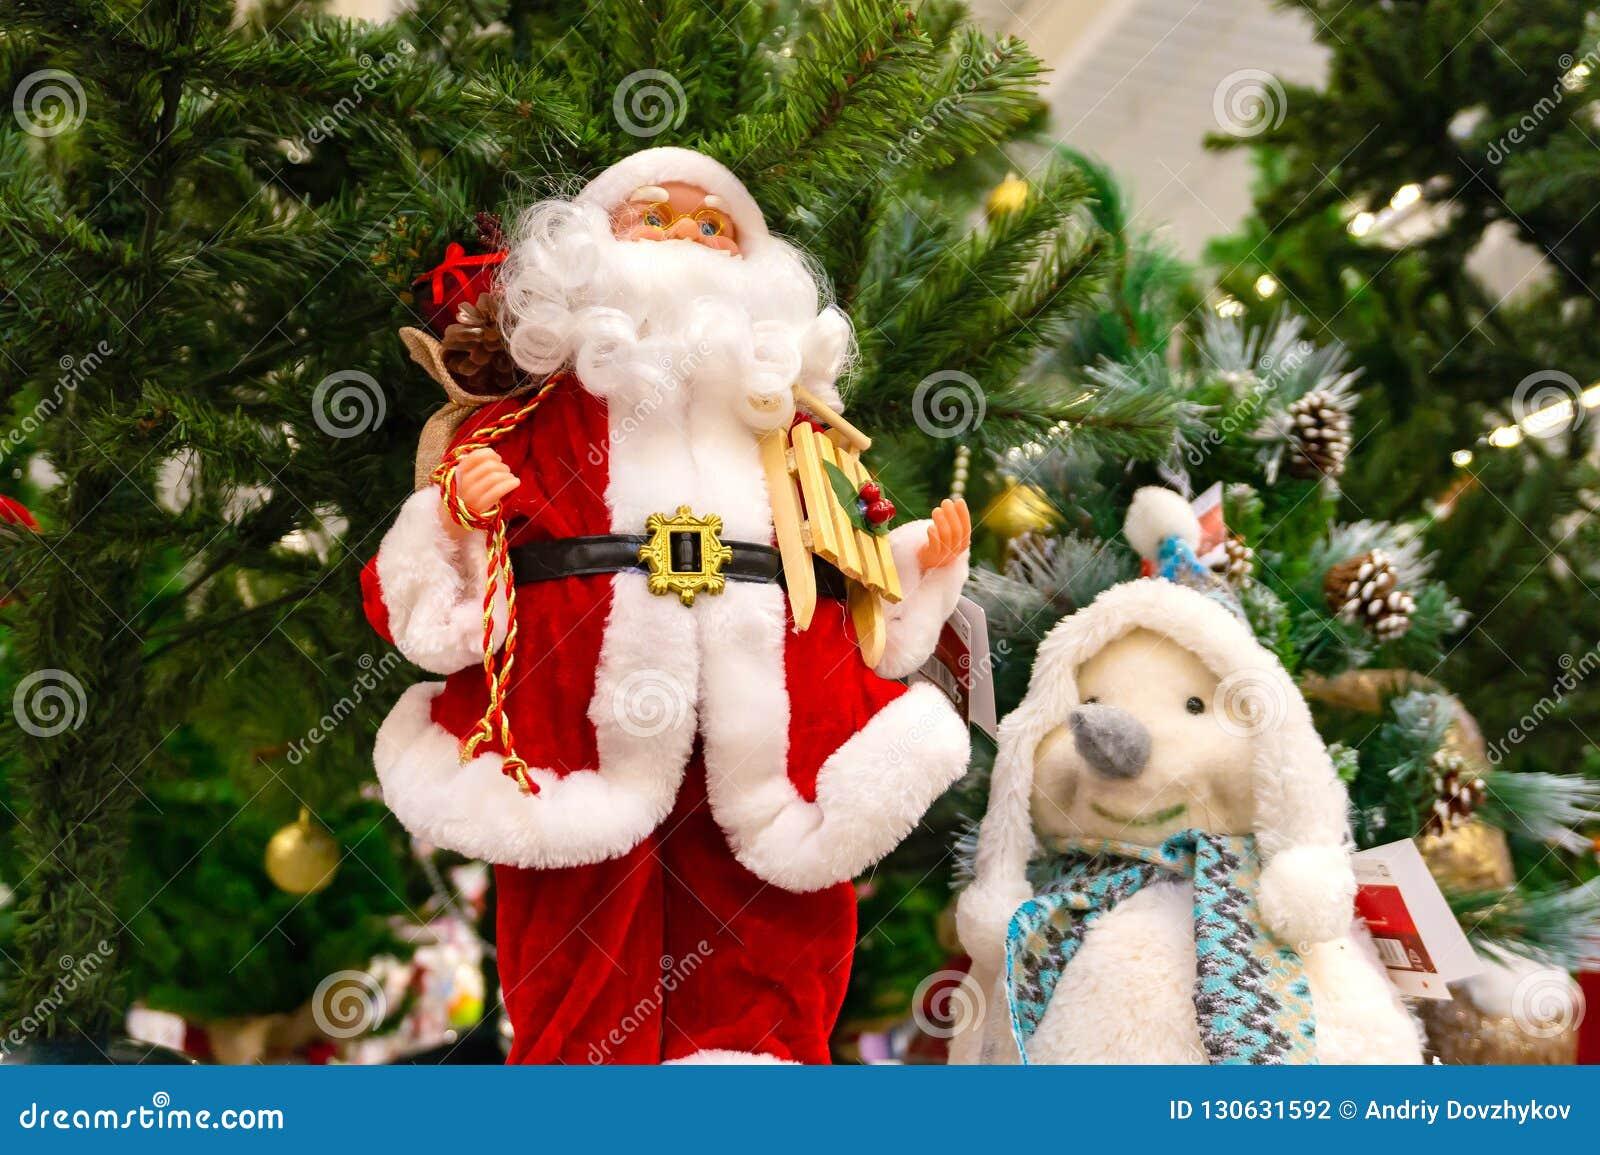 Brinquedo do Natal, donzela da neve ao lado de Santa Claus